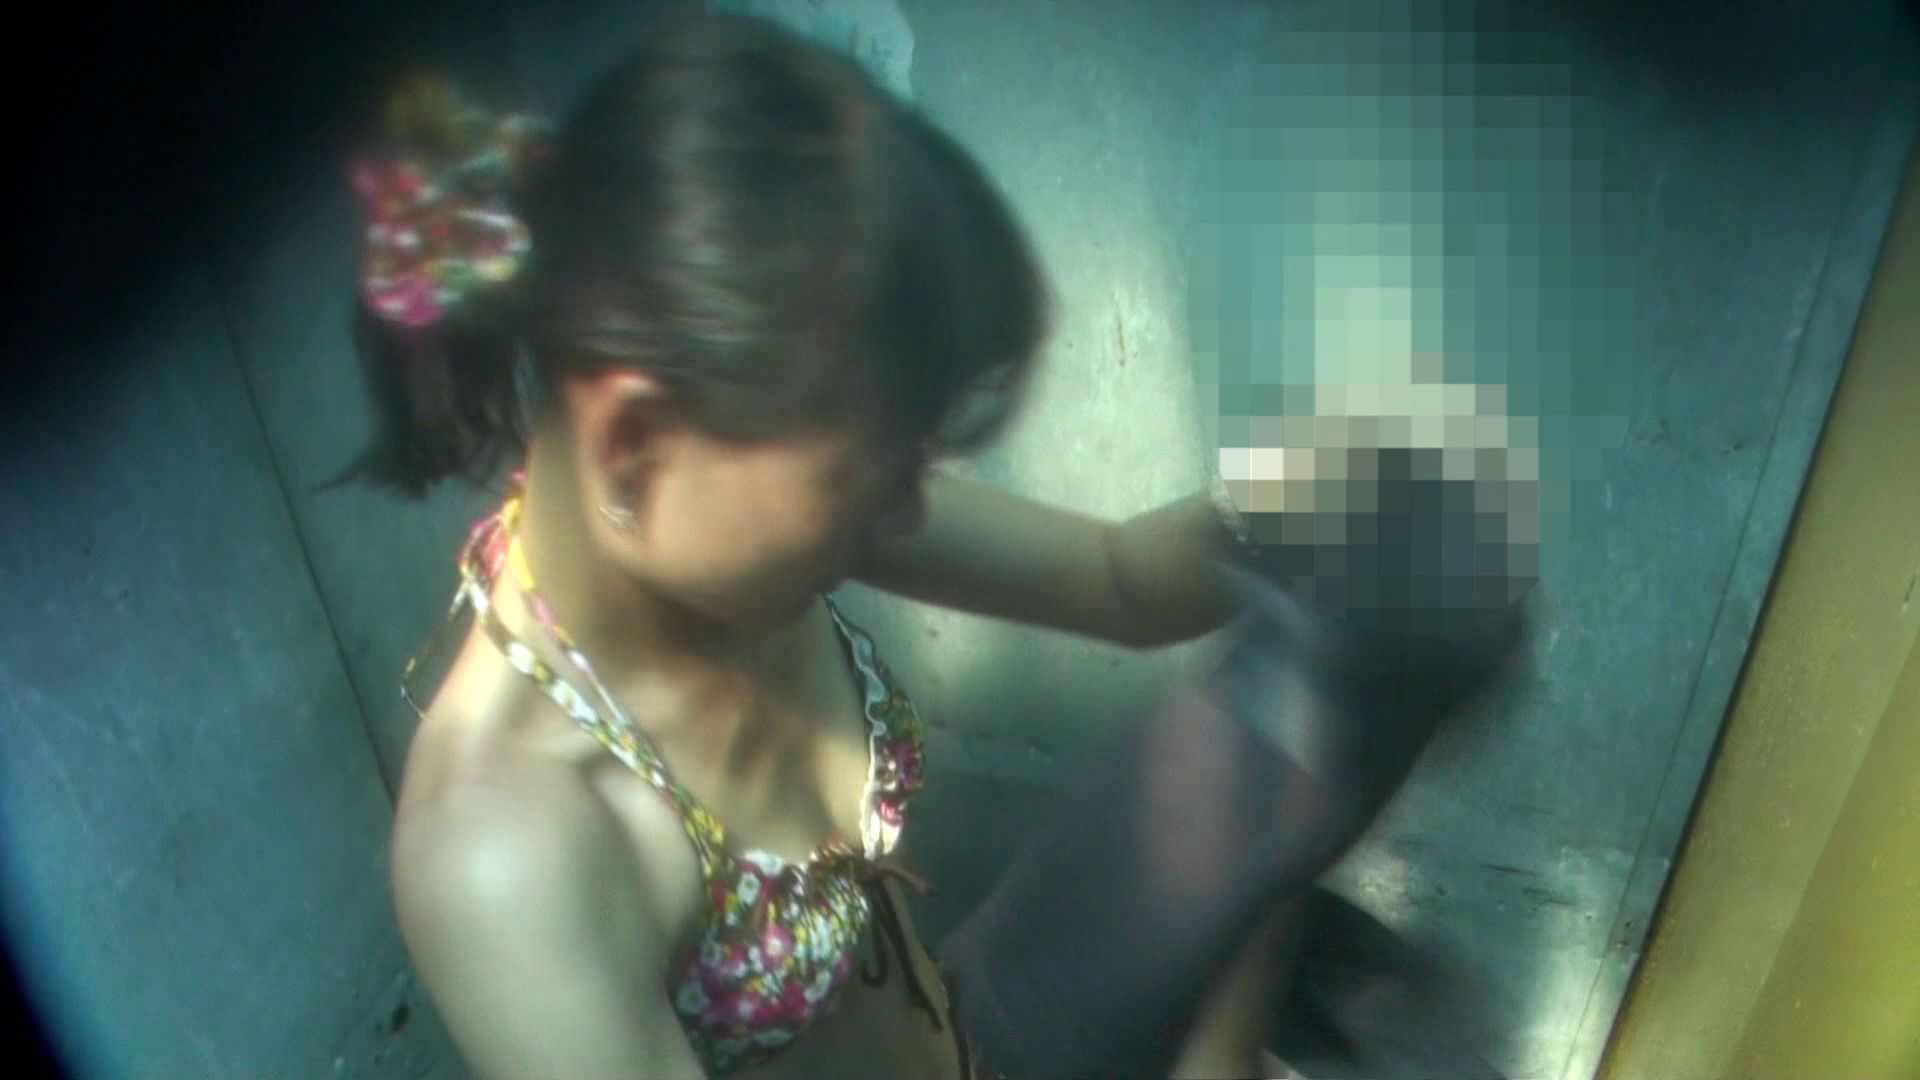 シャワールームは超!!危険な香りVol.16 意外に乳首は年増のそれ 乳首 | OLの実態  61pic 53